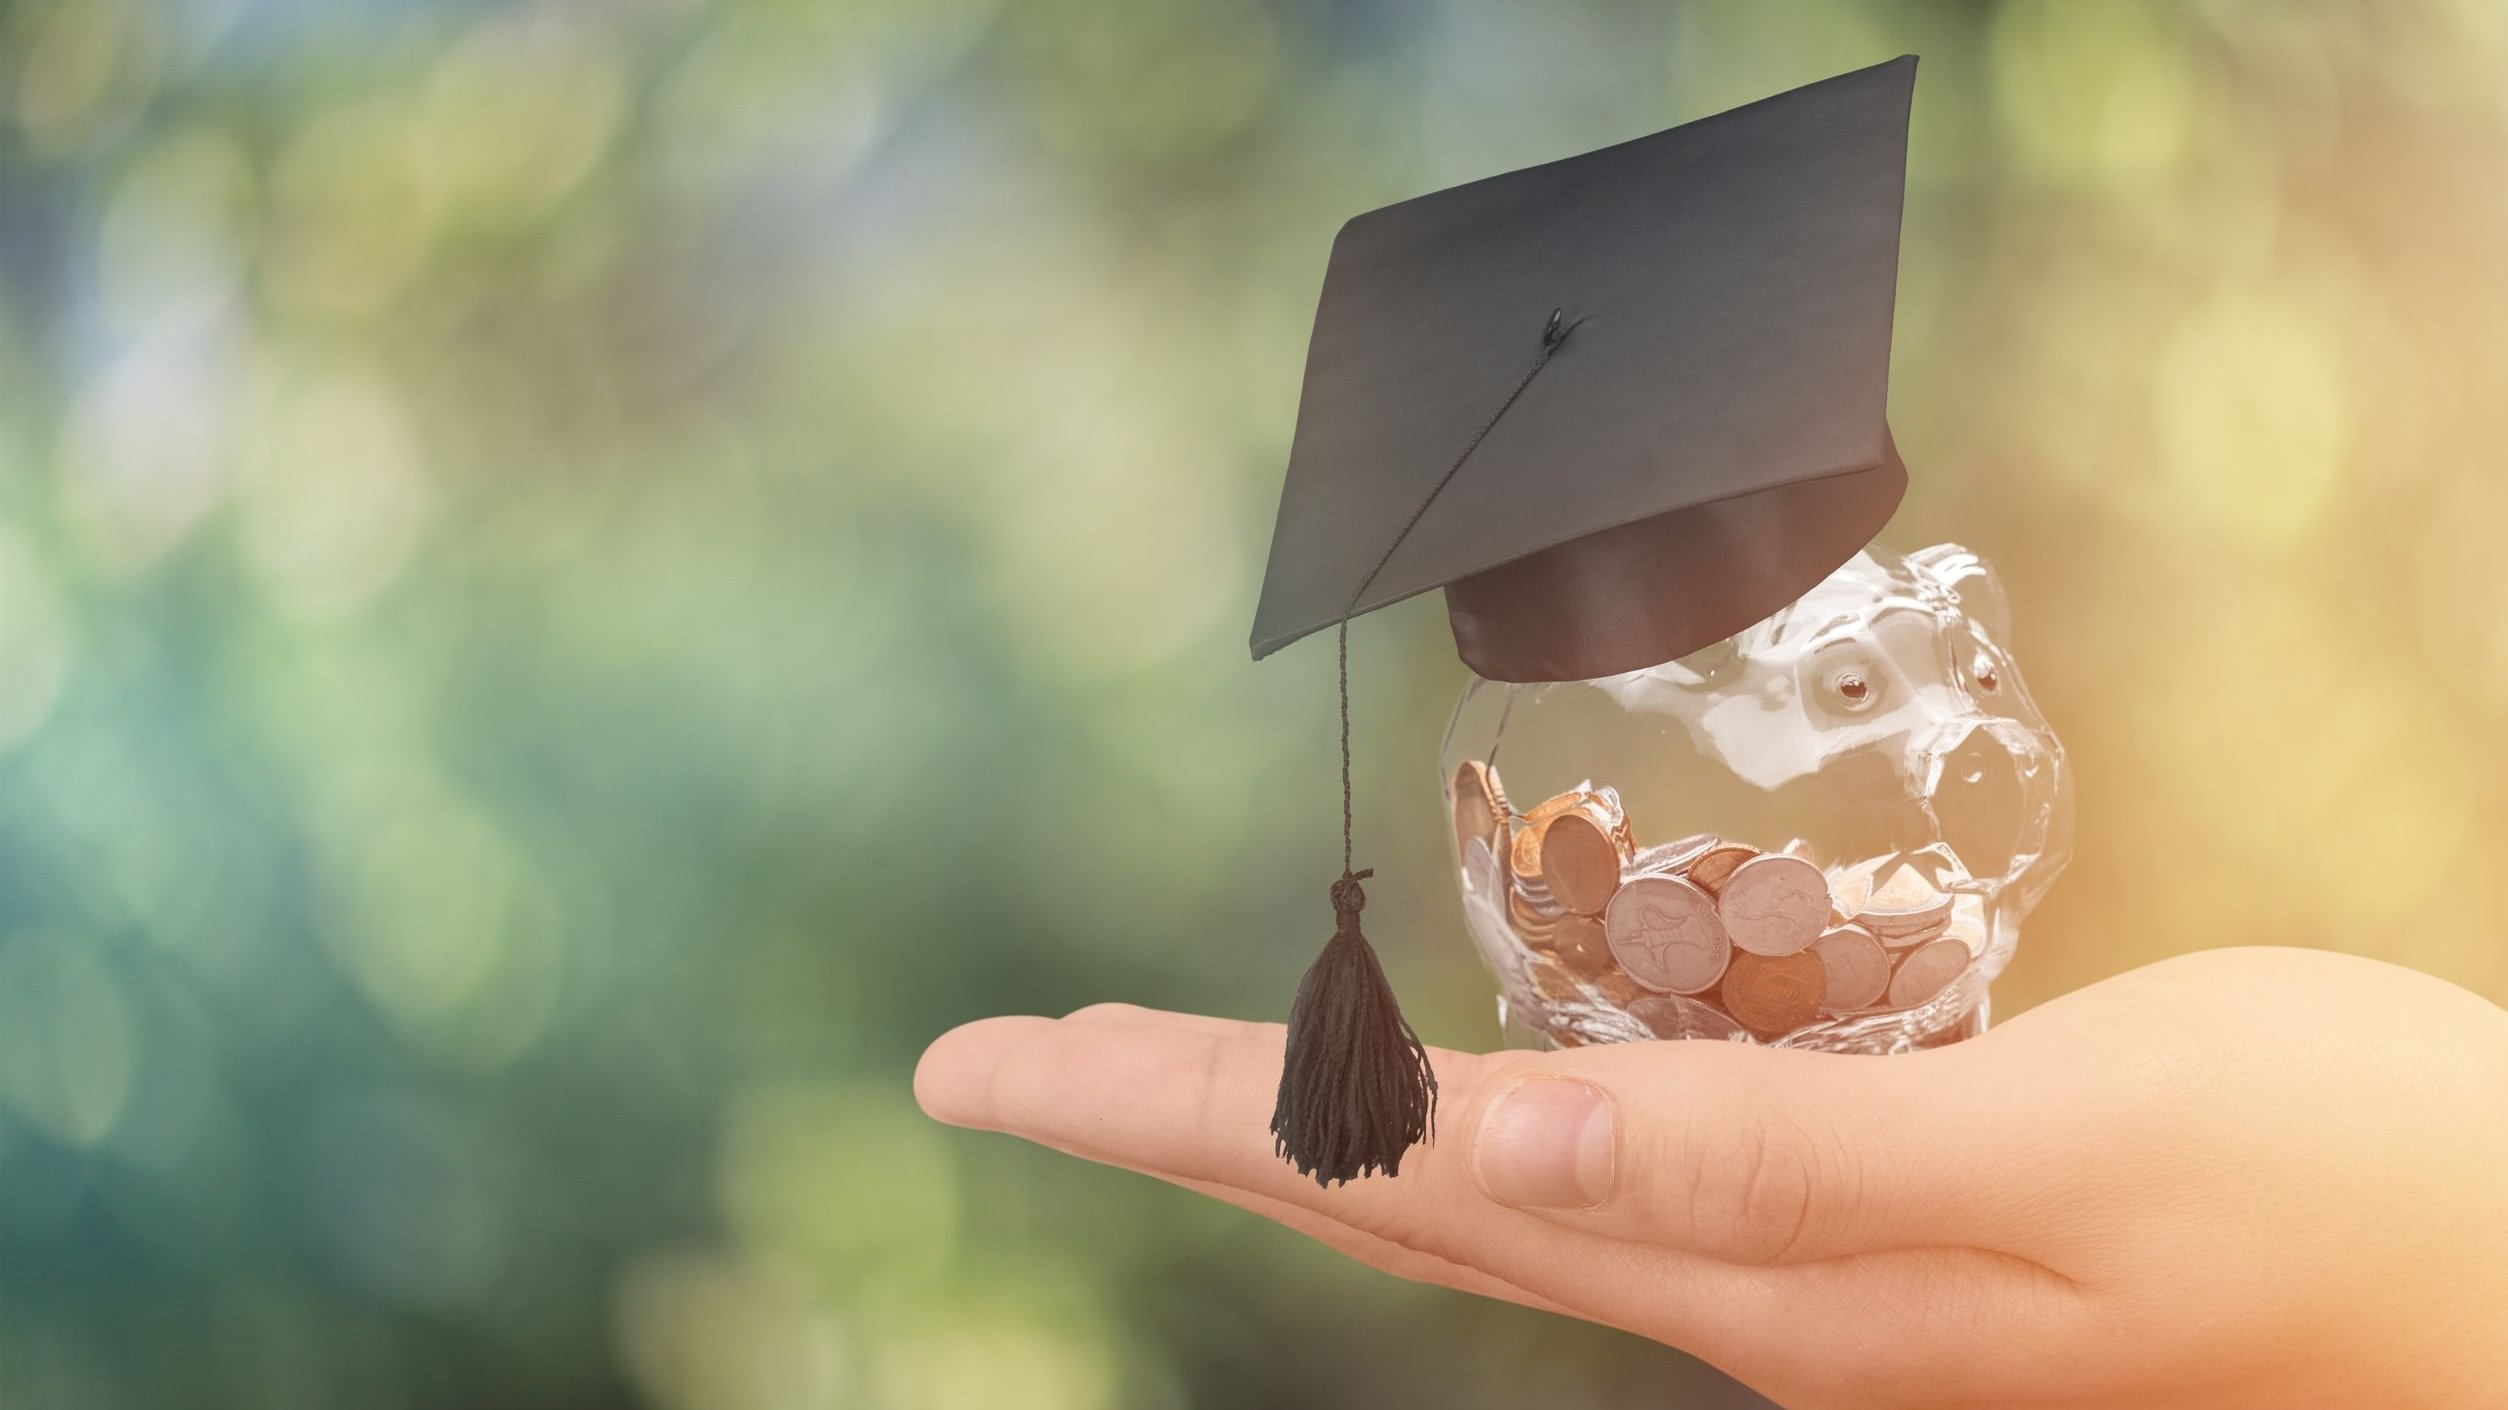 Mão segurando cofrinho de vidro em formato de porco cheio de moedas com um capelo na cabeça